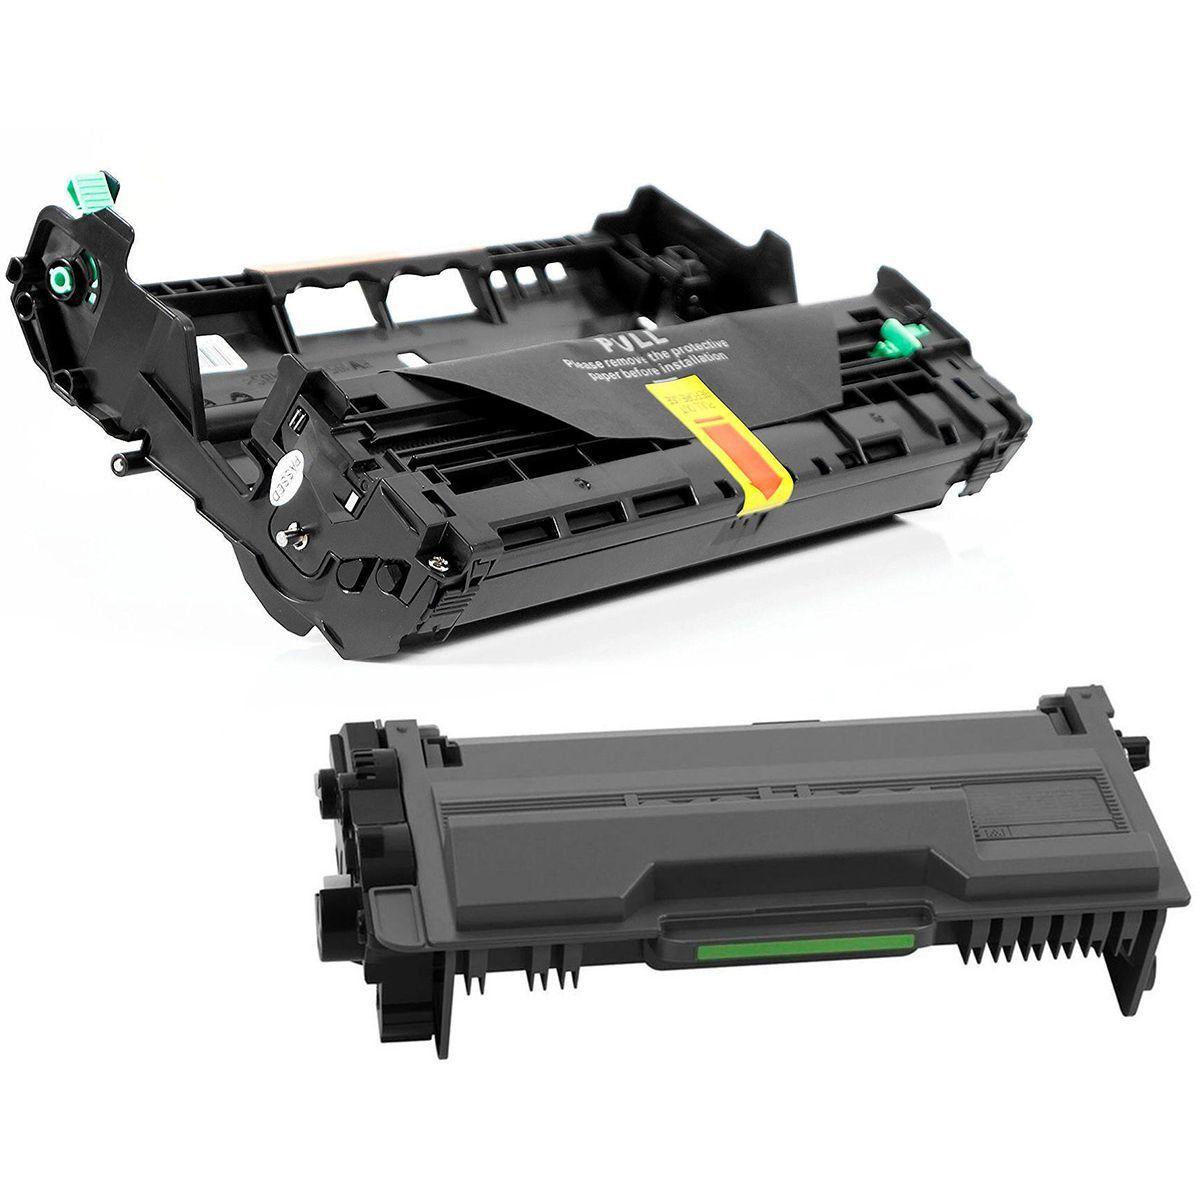 Compatível: Combo Fotocondutor DR3440 + Toner TN3442 TN850 para Brother L5102 L5202 L5502 L5702 L5902 L6702 L6750 L6902